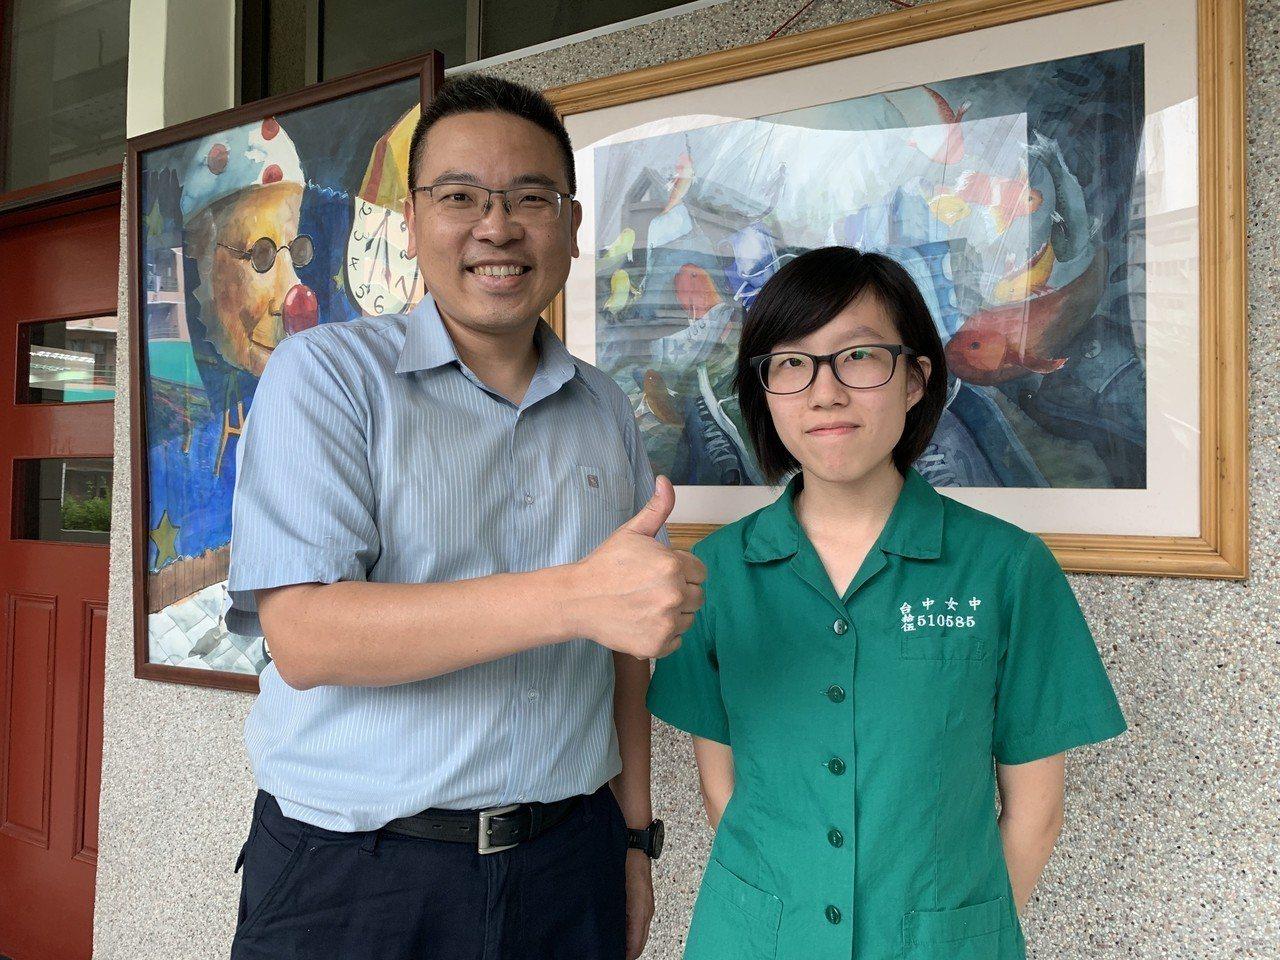 台灣大學申請入學昨天放榜,台中女中林芸平(右)從小學就熱愛電腦程式,今年申請錄取...